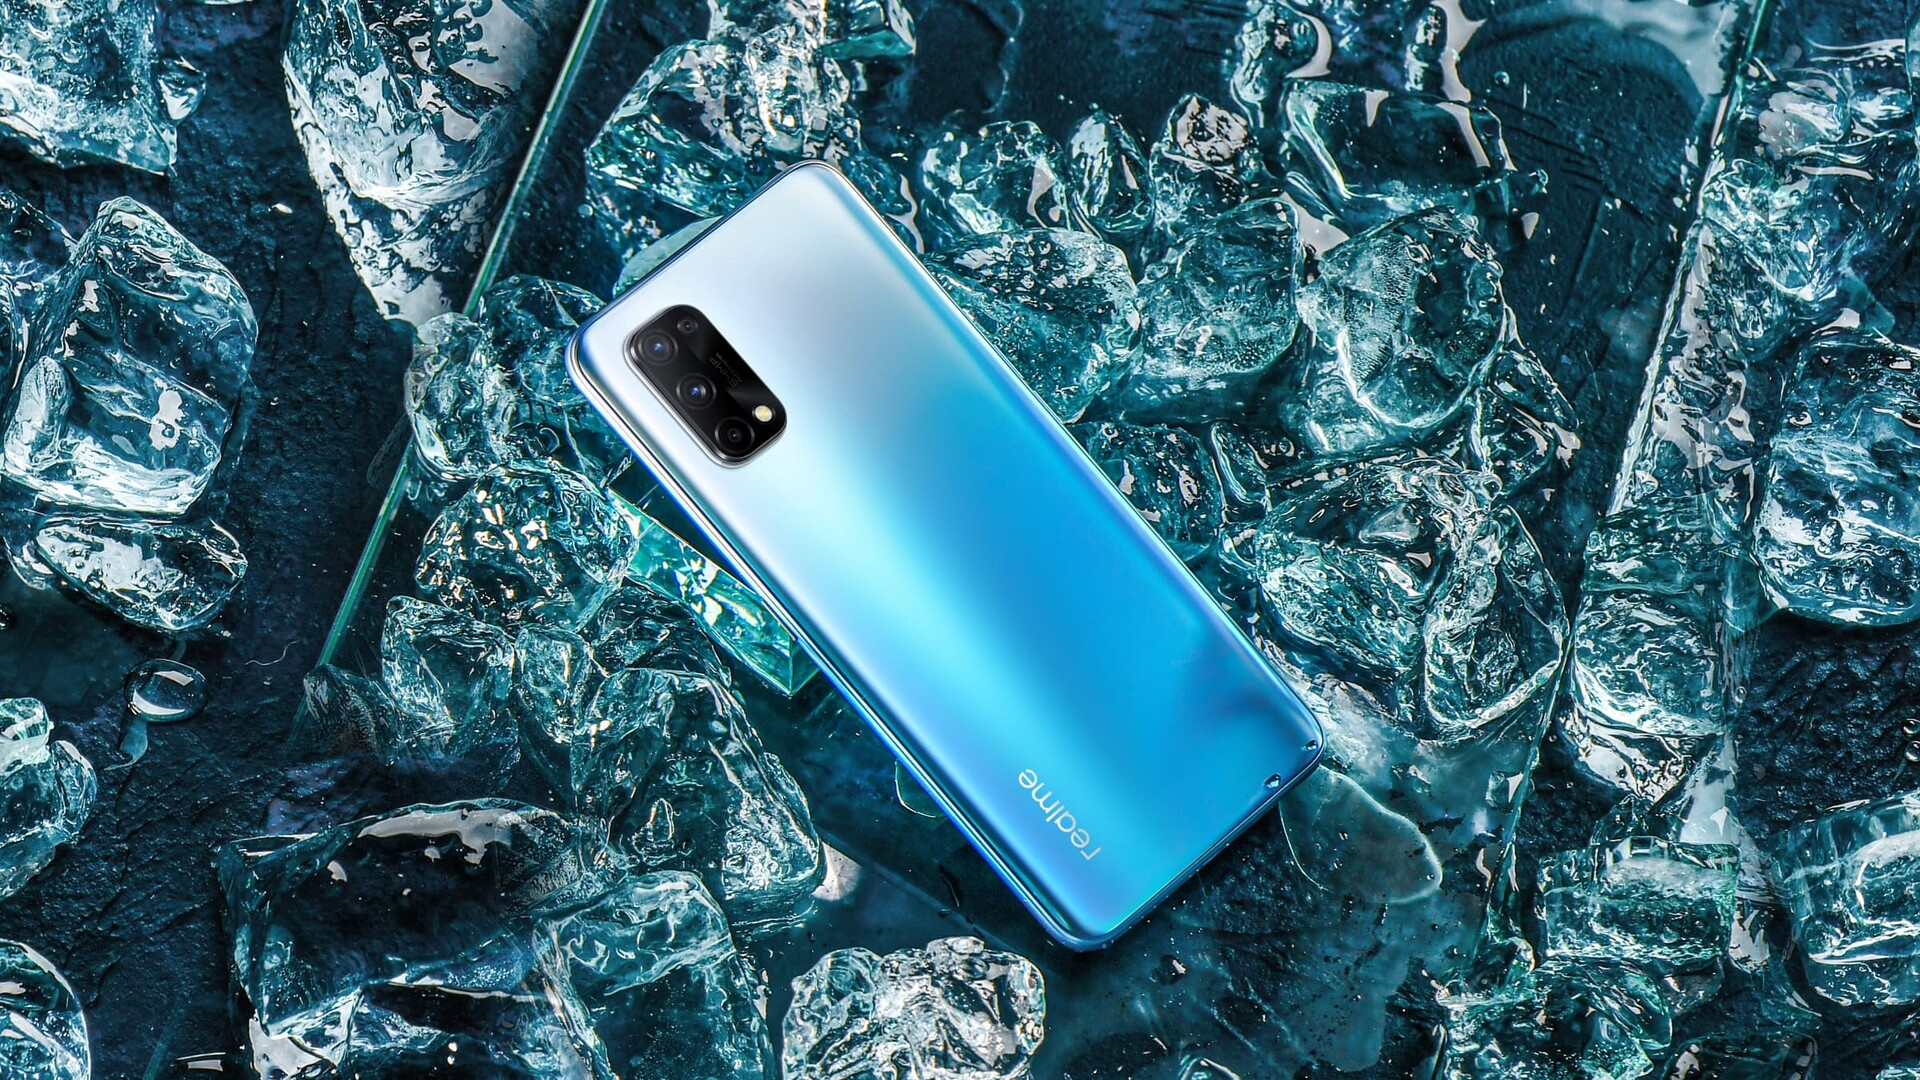 [IFA 2020] Realme X7, X7 Pro e V3 5G ufficiali: caratteristiche e prezzi 1